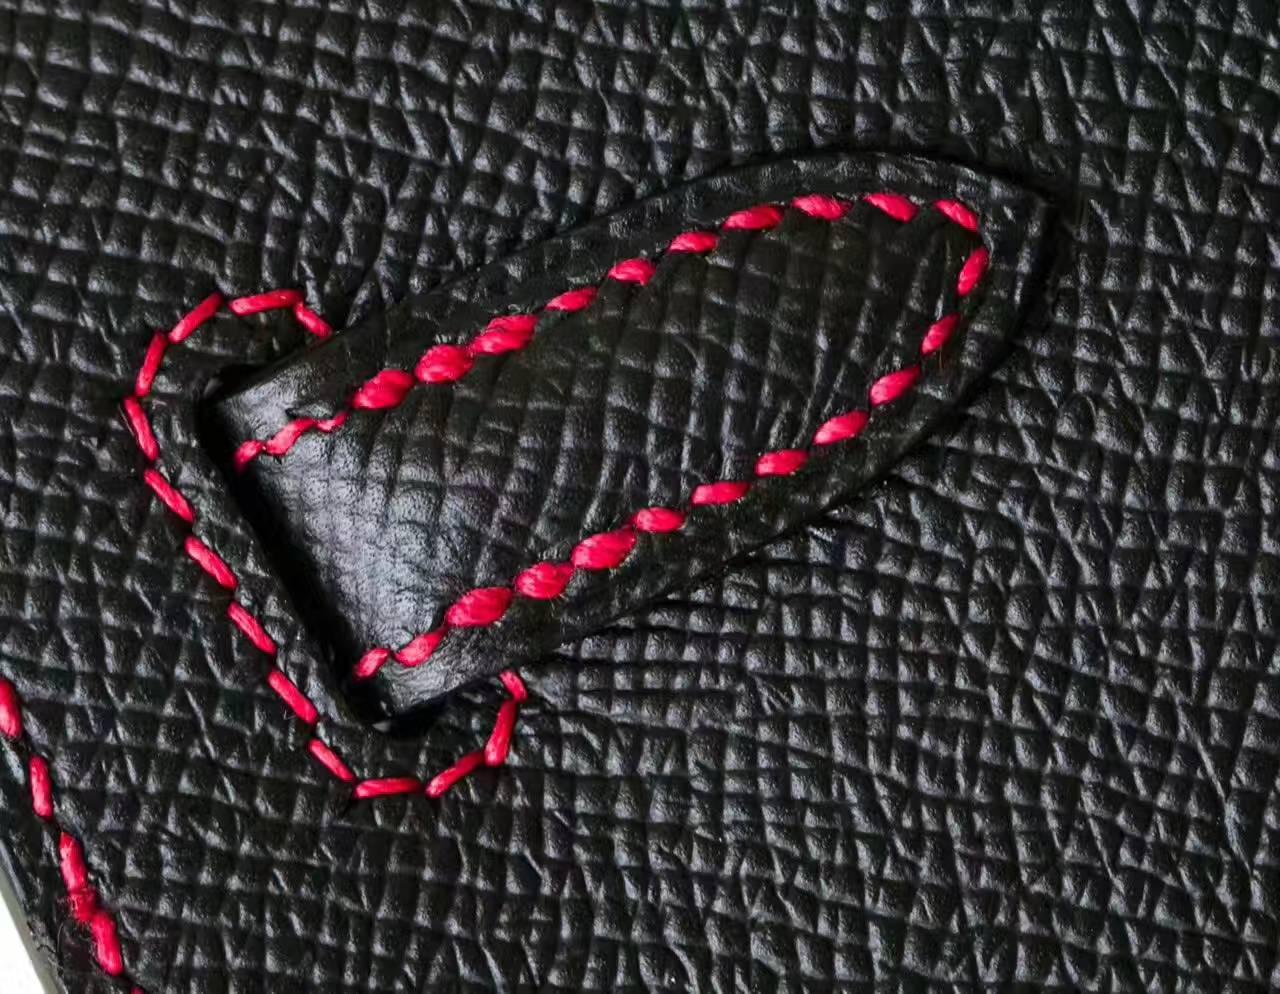 爱马仕凯莉包尺寸 黑色拼国旗红原厂epsom牛皮Kelly包包25cm